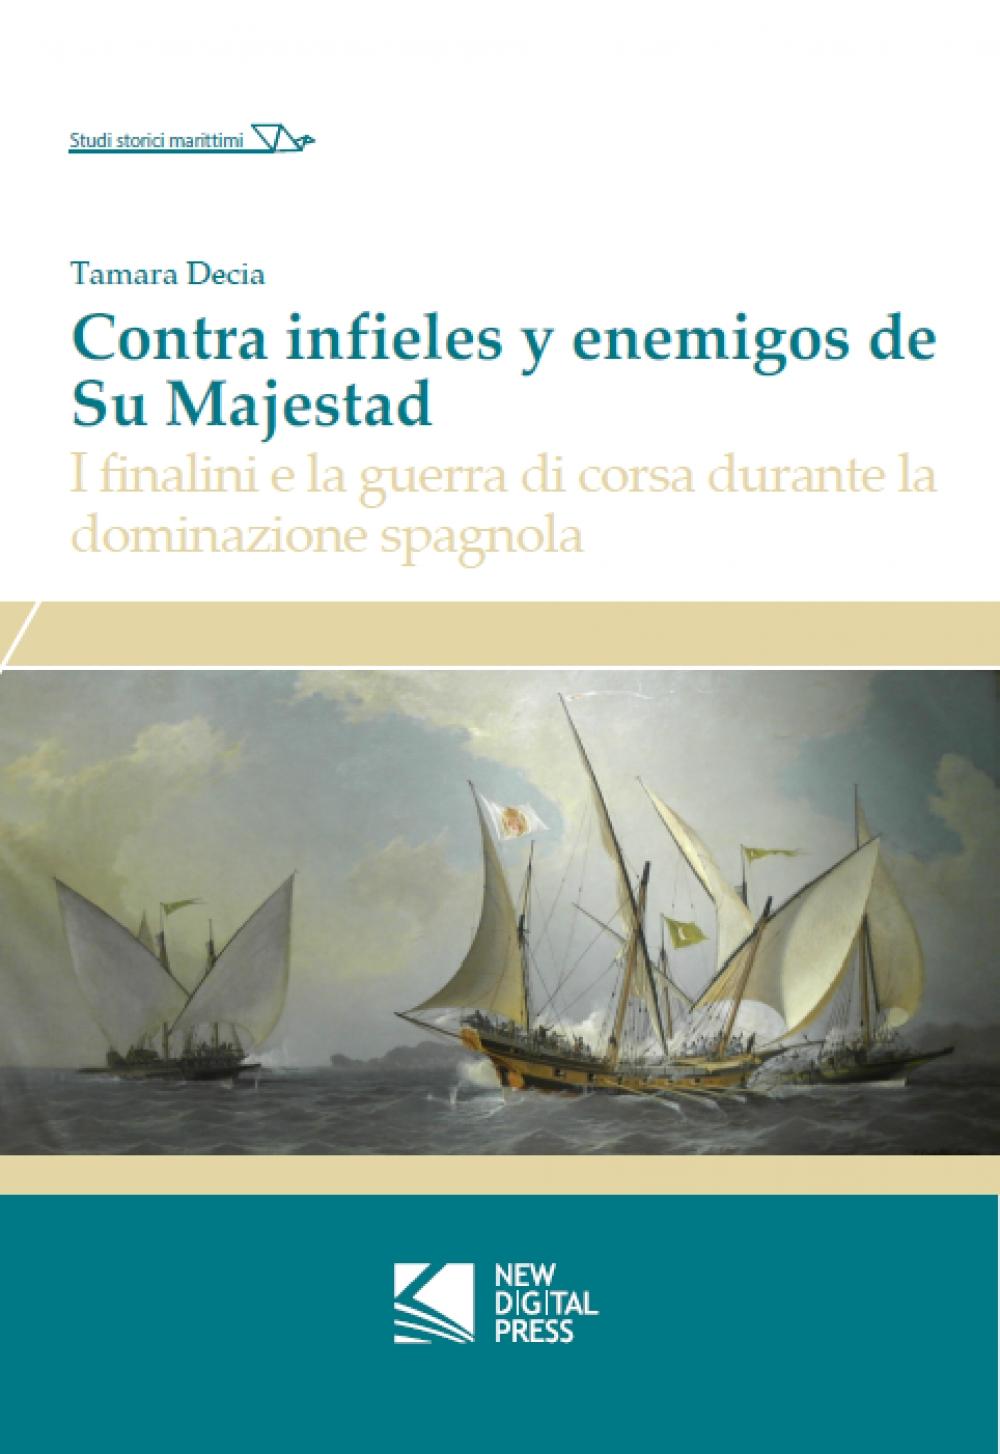 CONTRA INFIELES Y ENEMIGOS DE SU MAJESTAD